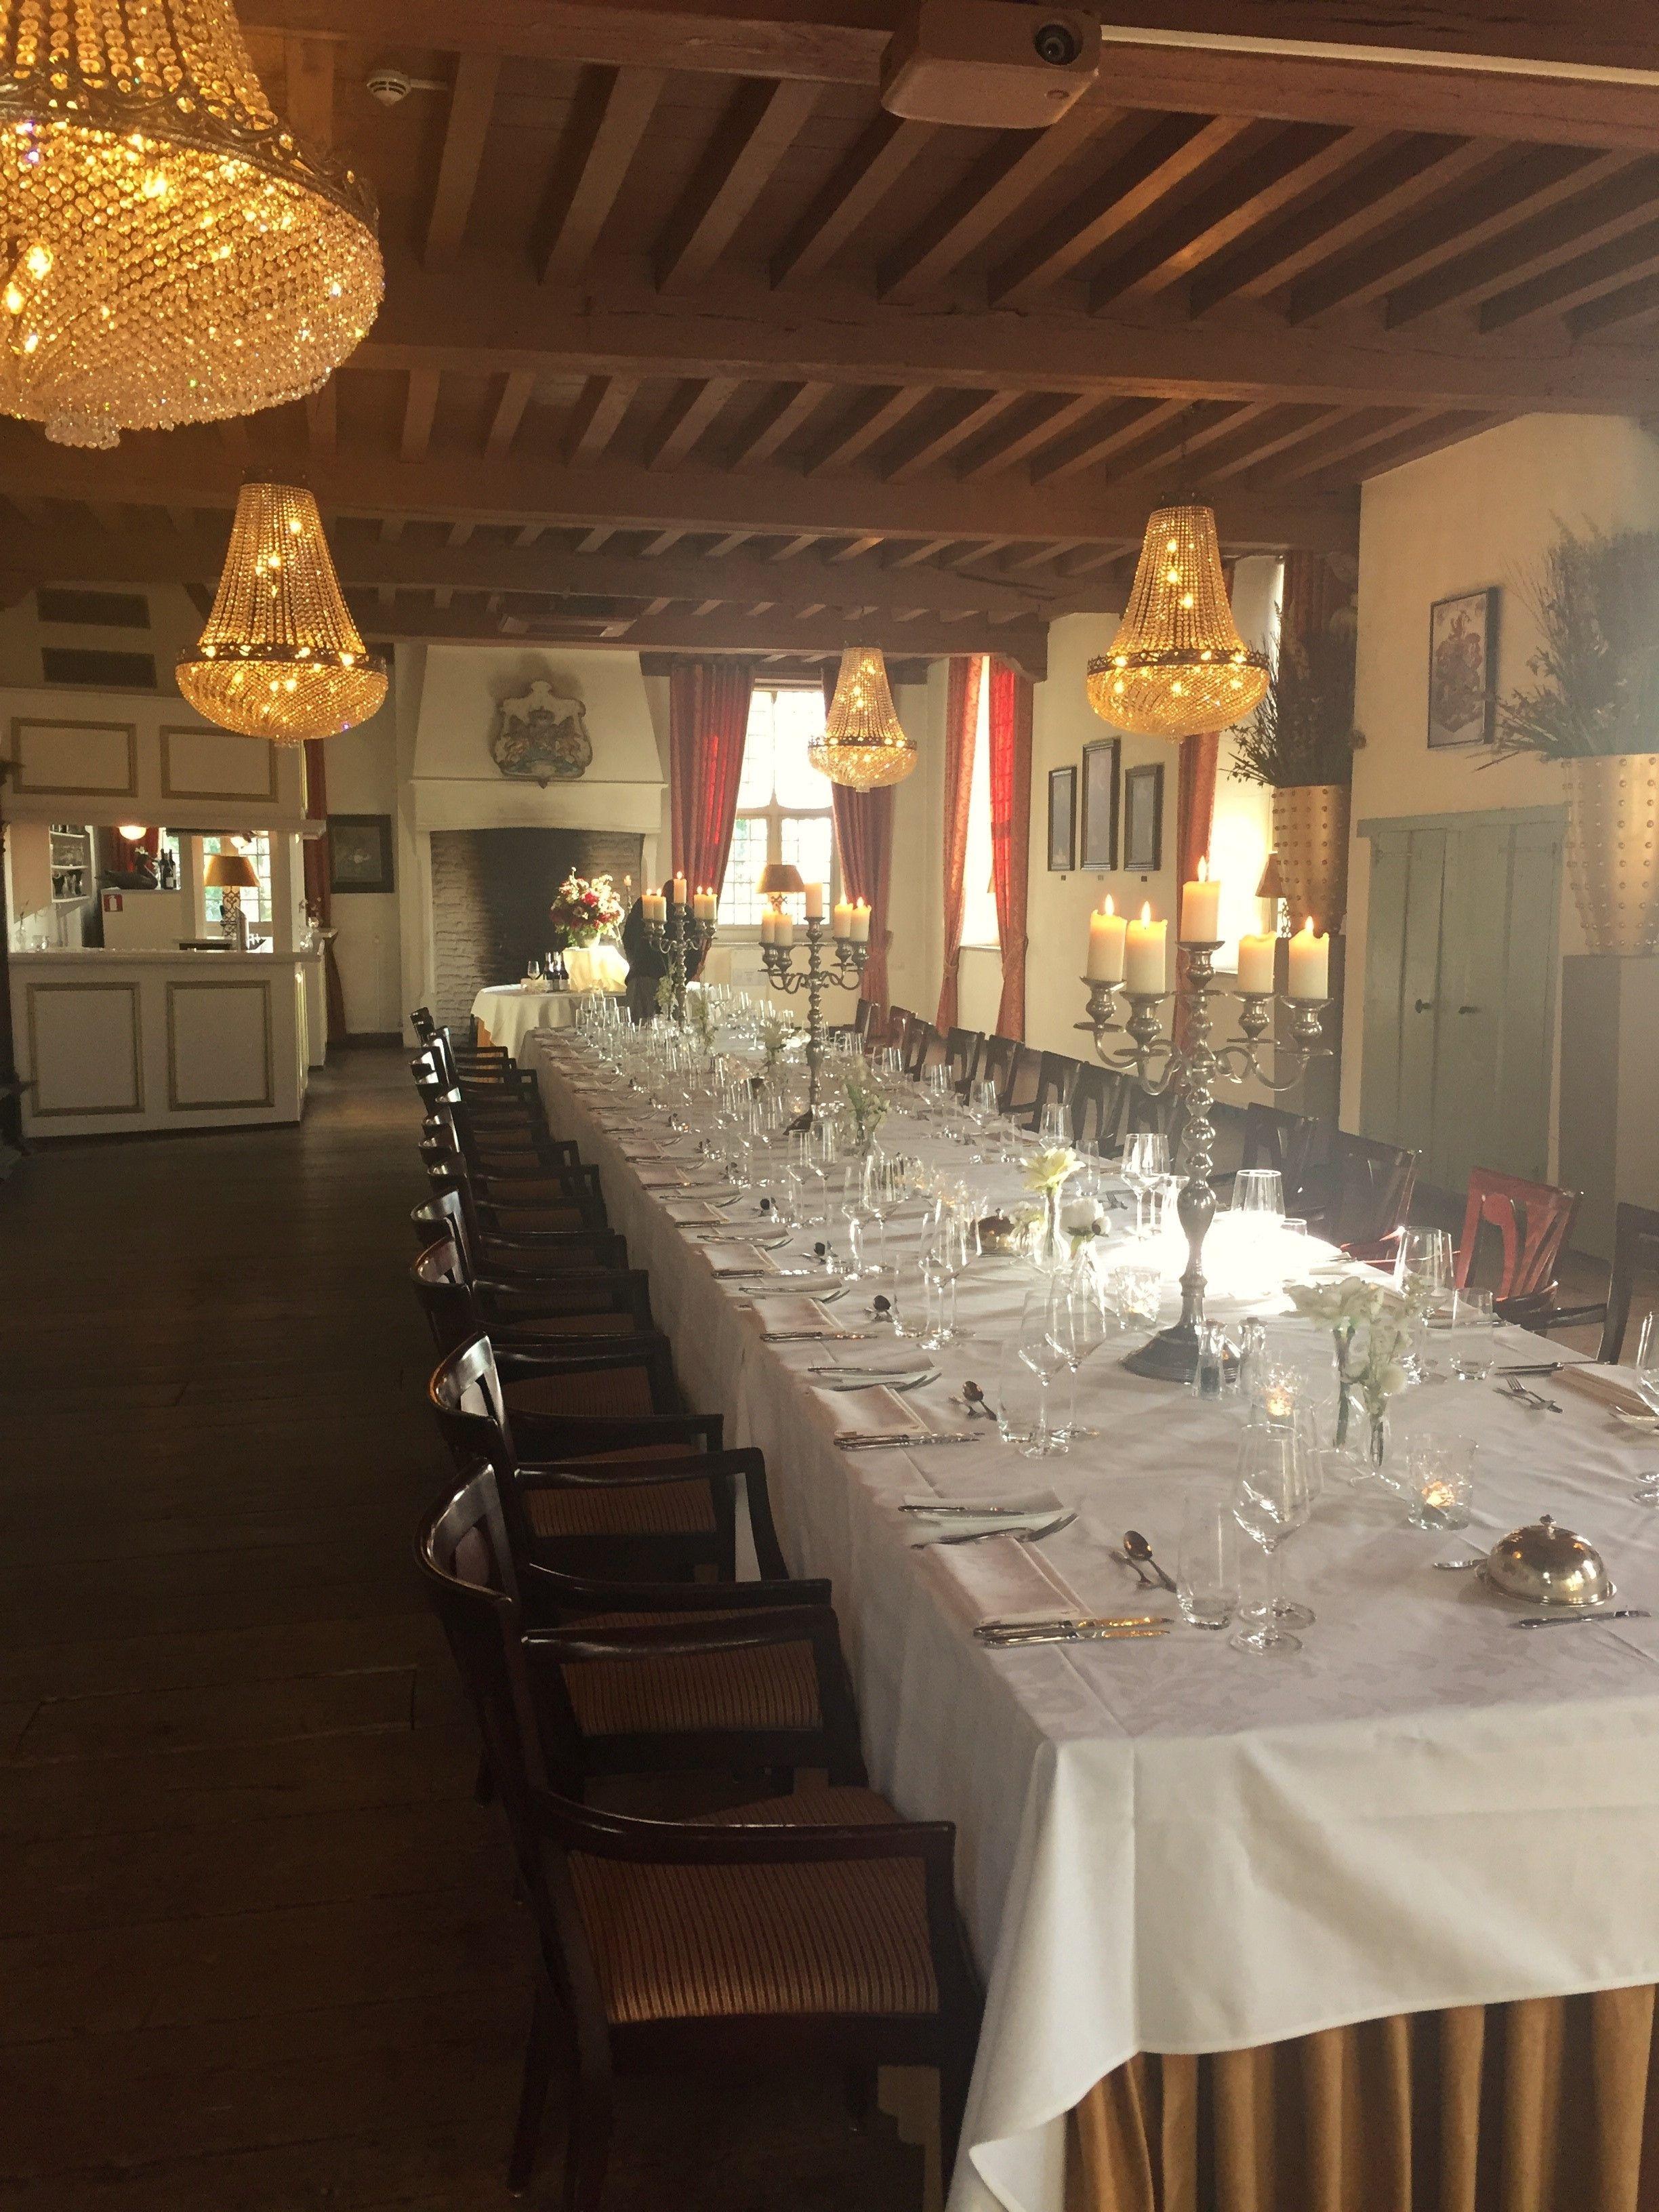 Kasteel Wijenburg - #trouwlocatie #bruiloft #toptrouwlocatie #wedding #wedding #venue